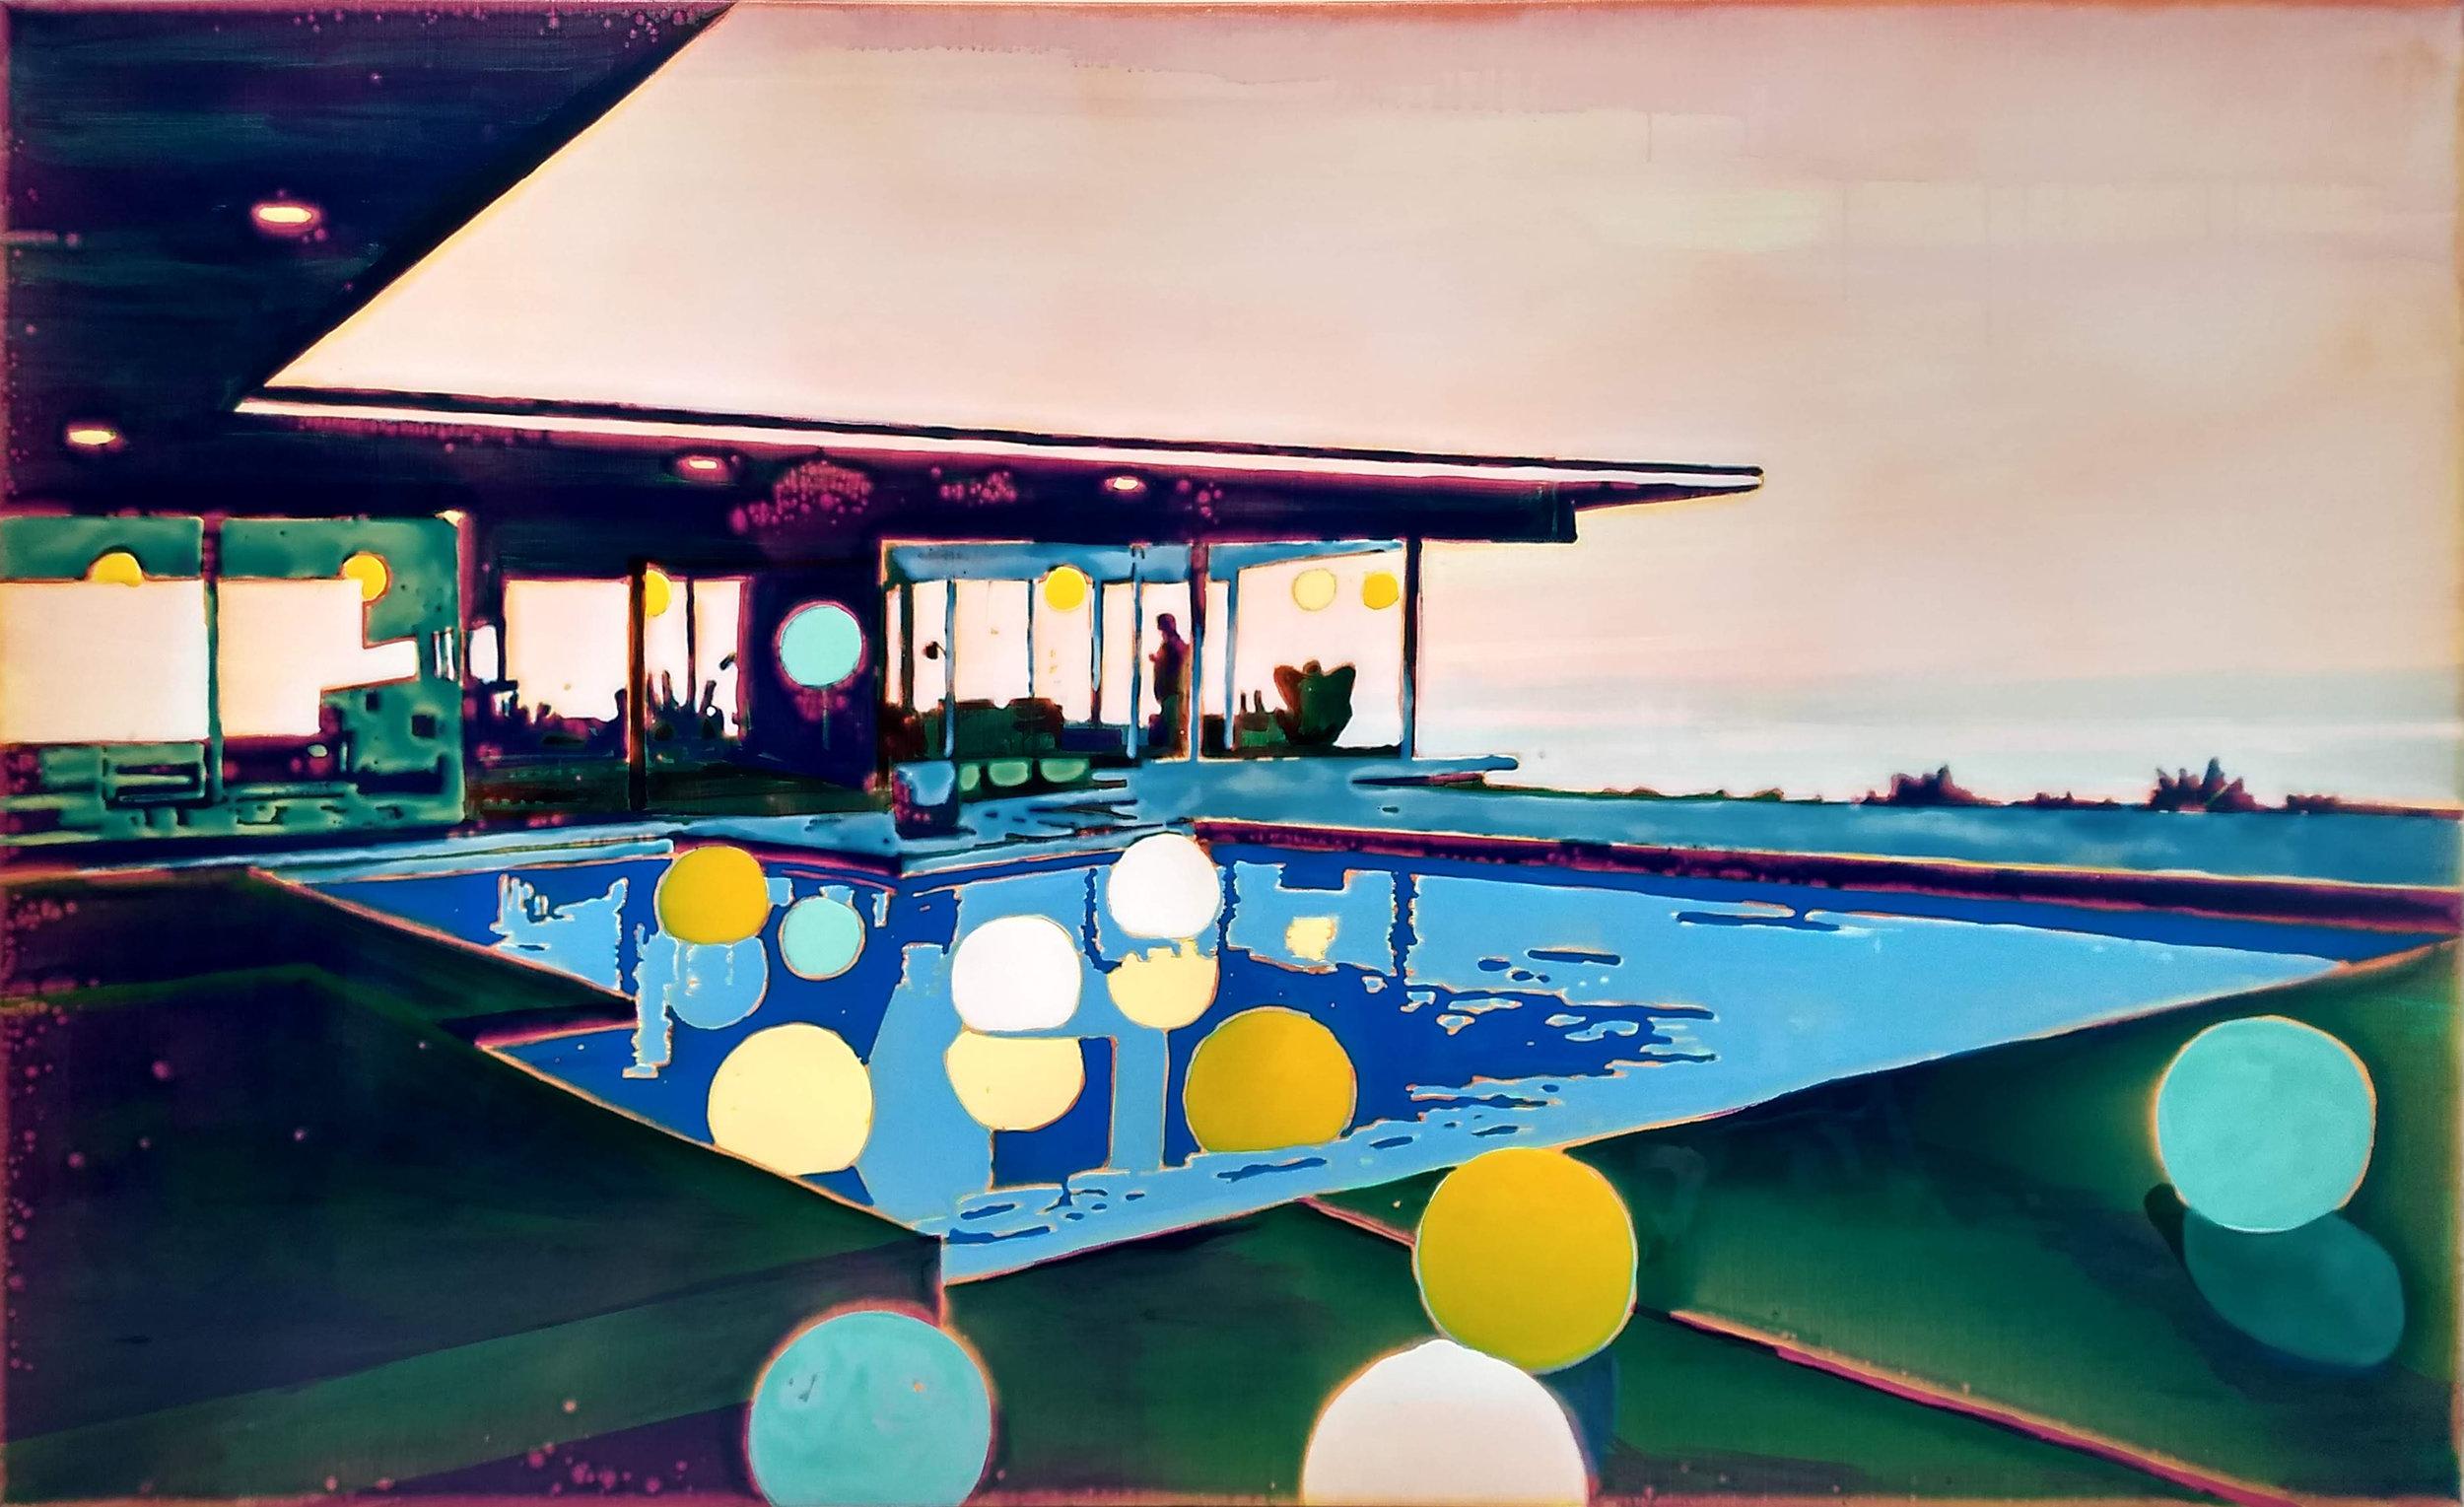 巴克的泳池派對  布面丙烯酸及环氧树脂 120 x 200 cm 已售